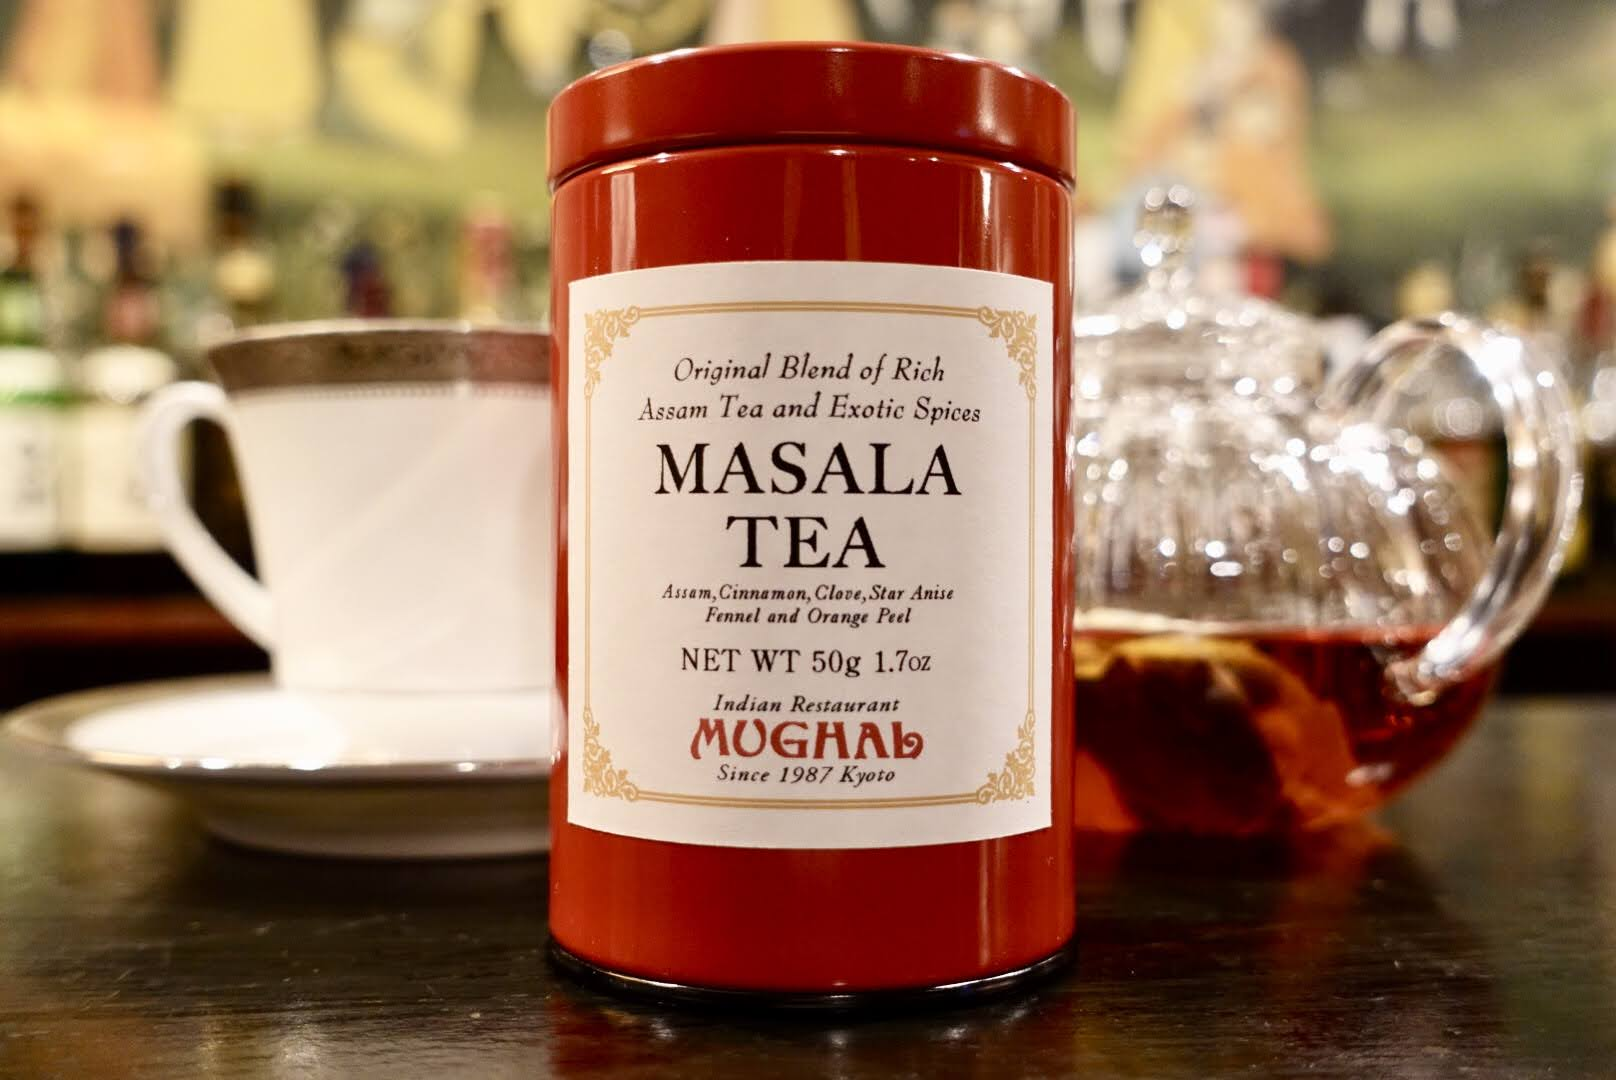 ムガール オリジナルブレンド マサラティー・赤缶